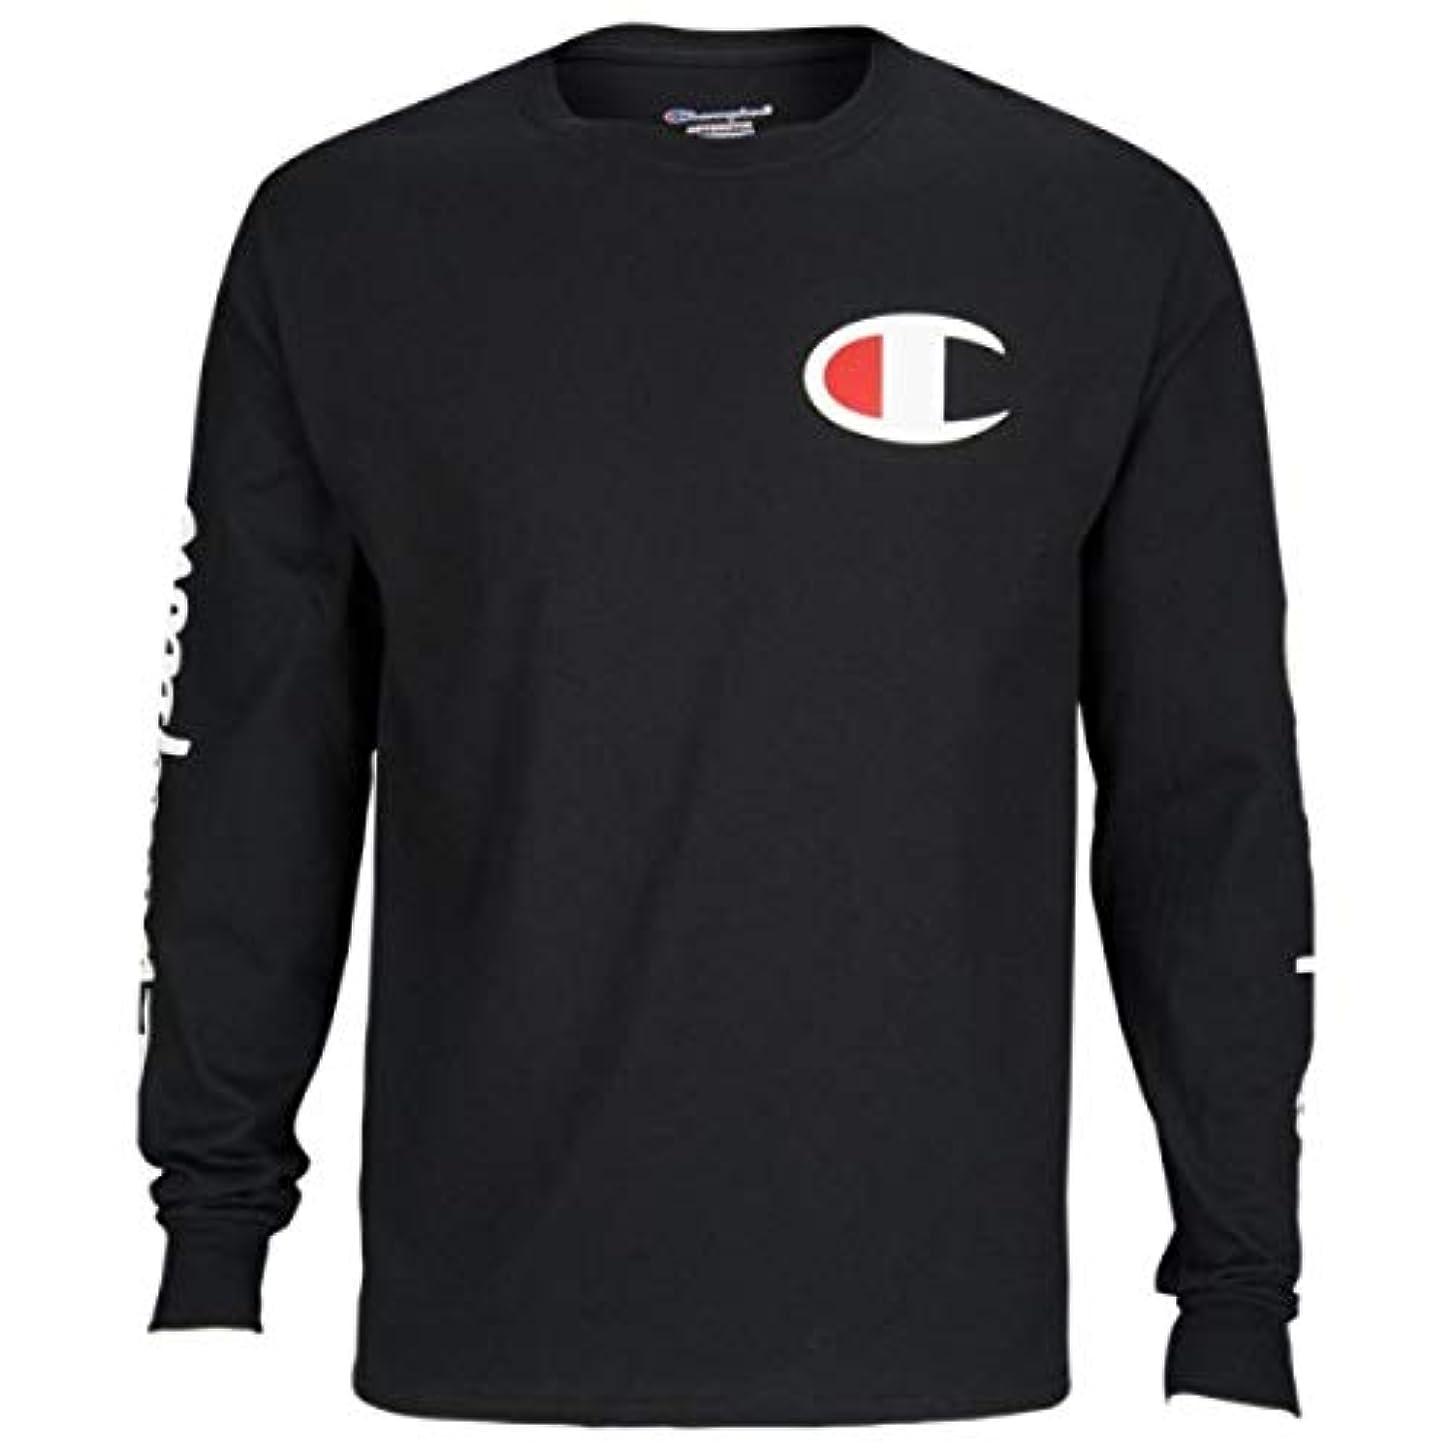 第四前者寝室(チャンピオン) Champion メンズ トップス 長袖Tシャツ Graphic Long Sleeve T-Shirt [並行輸入品]